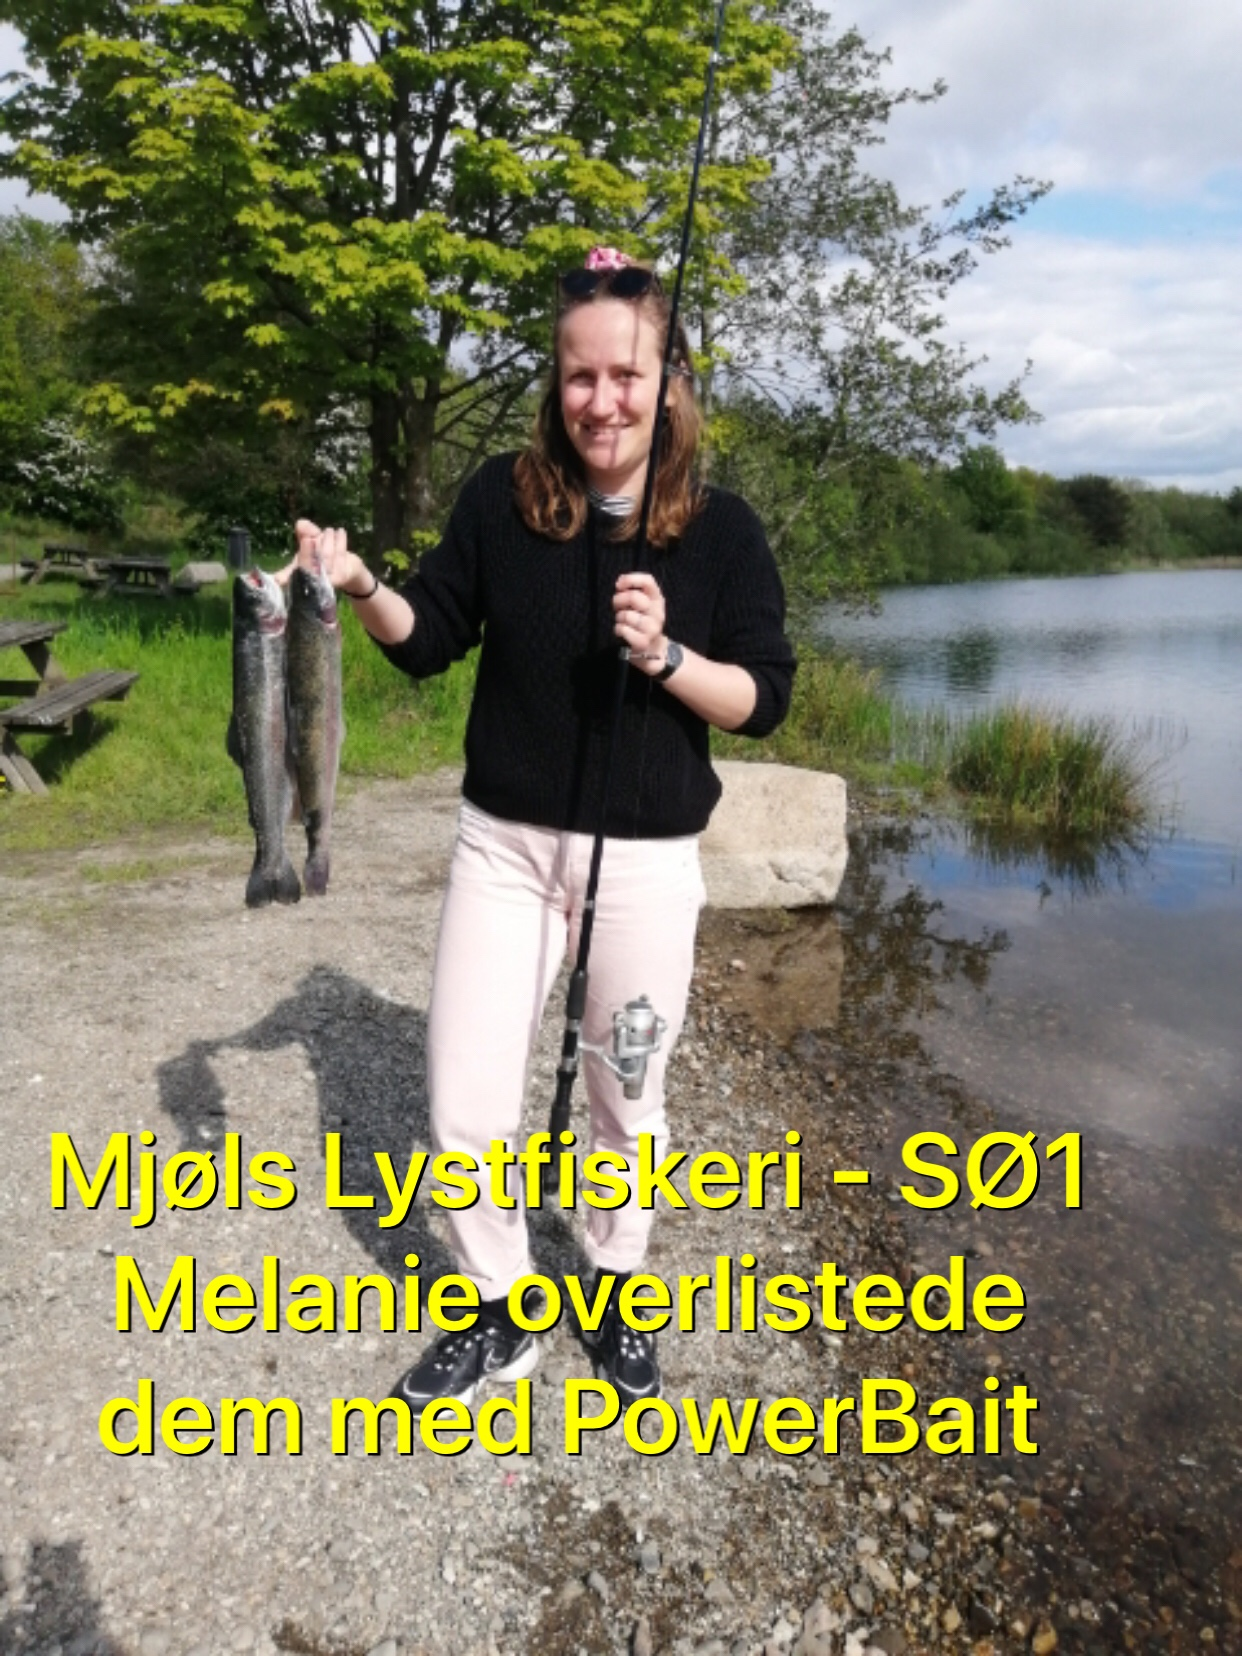 Melanie fangede aftensmade onsdag eftermiddag i Mjøls